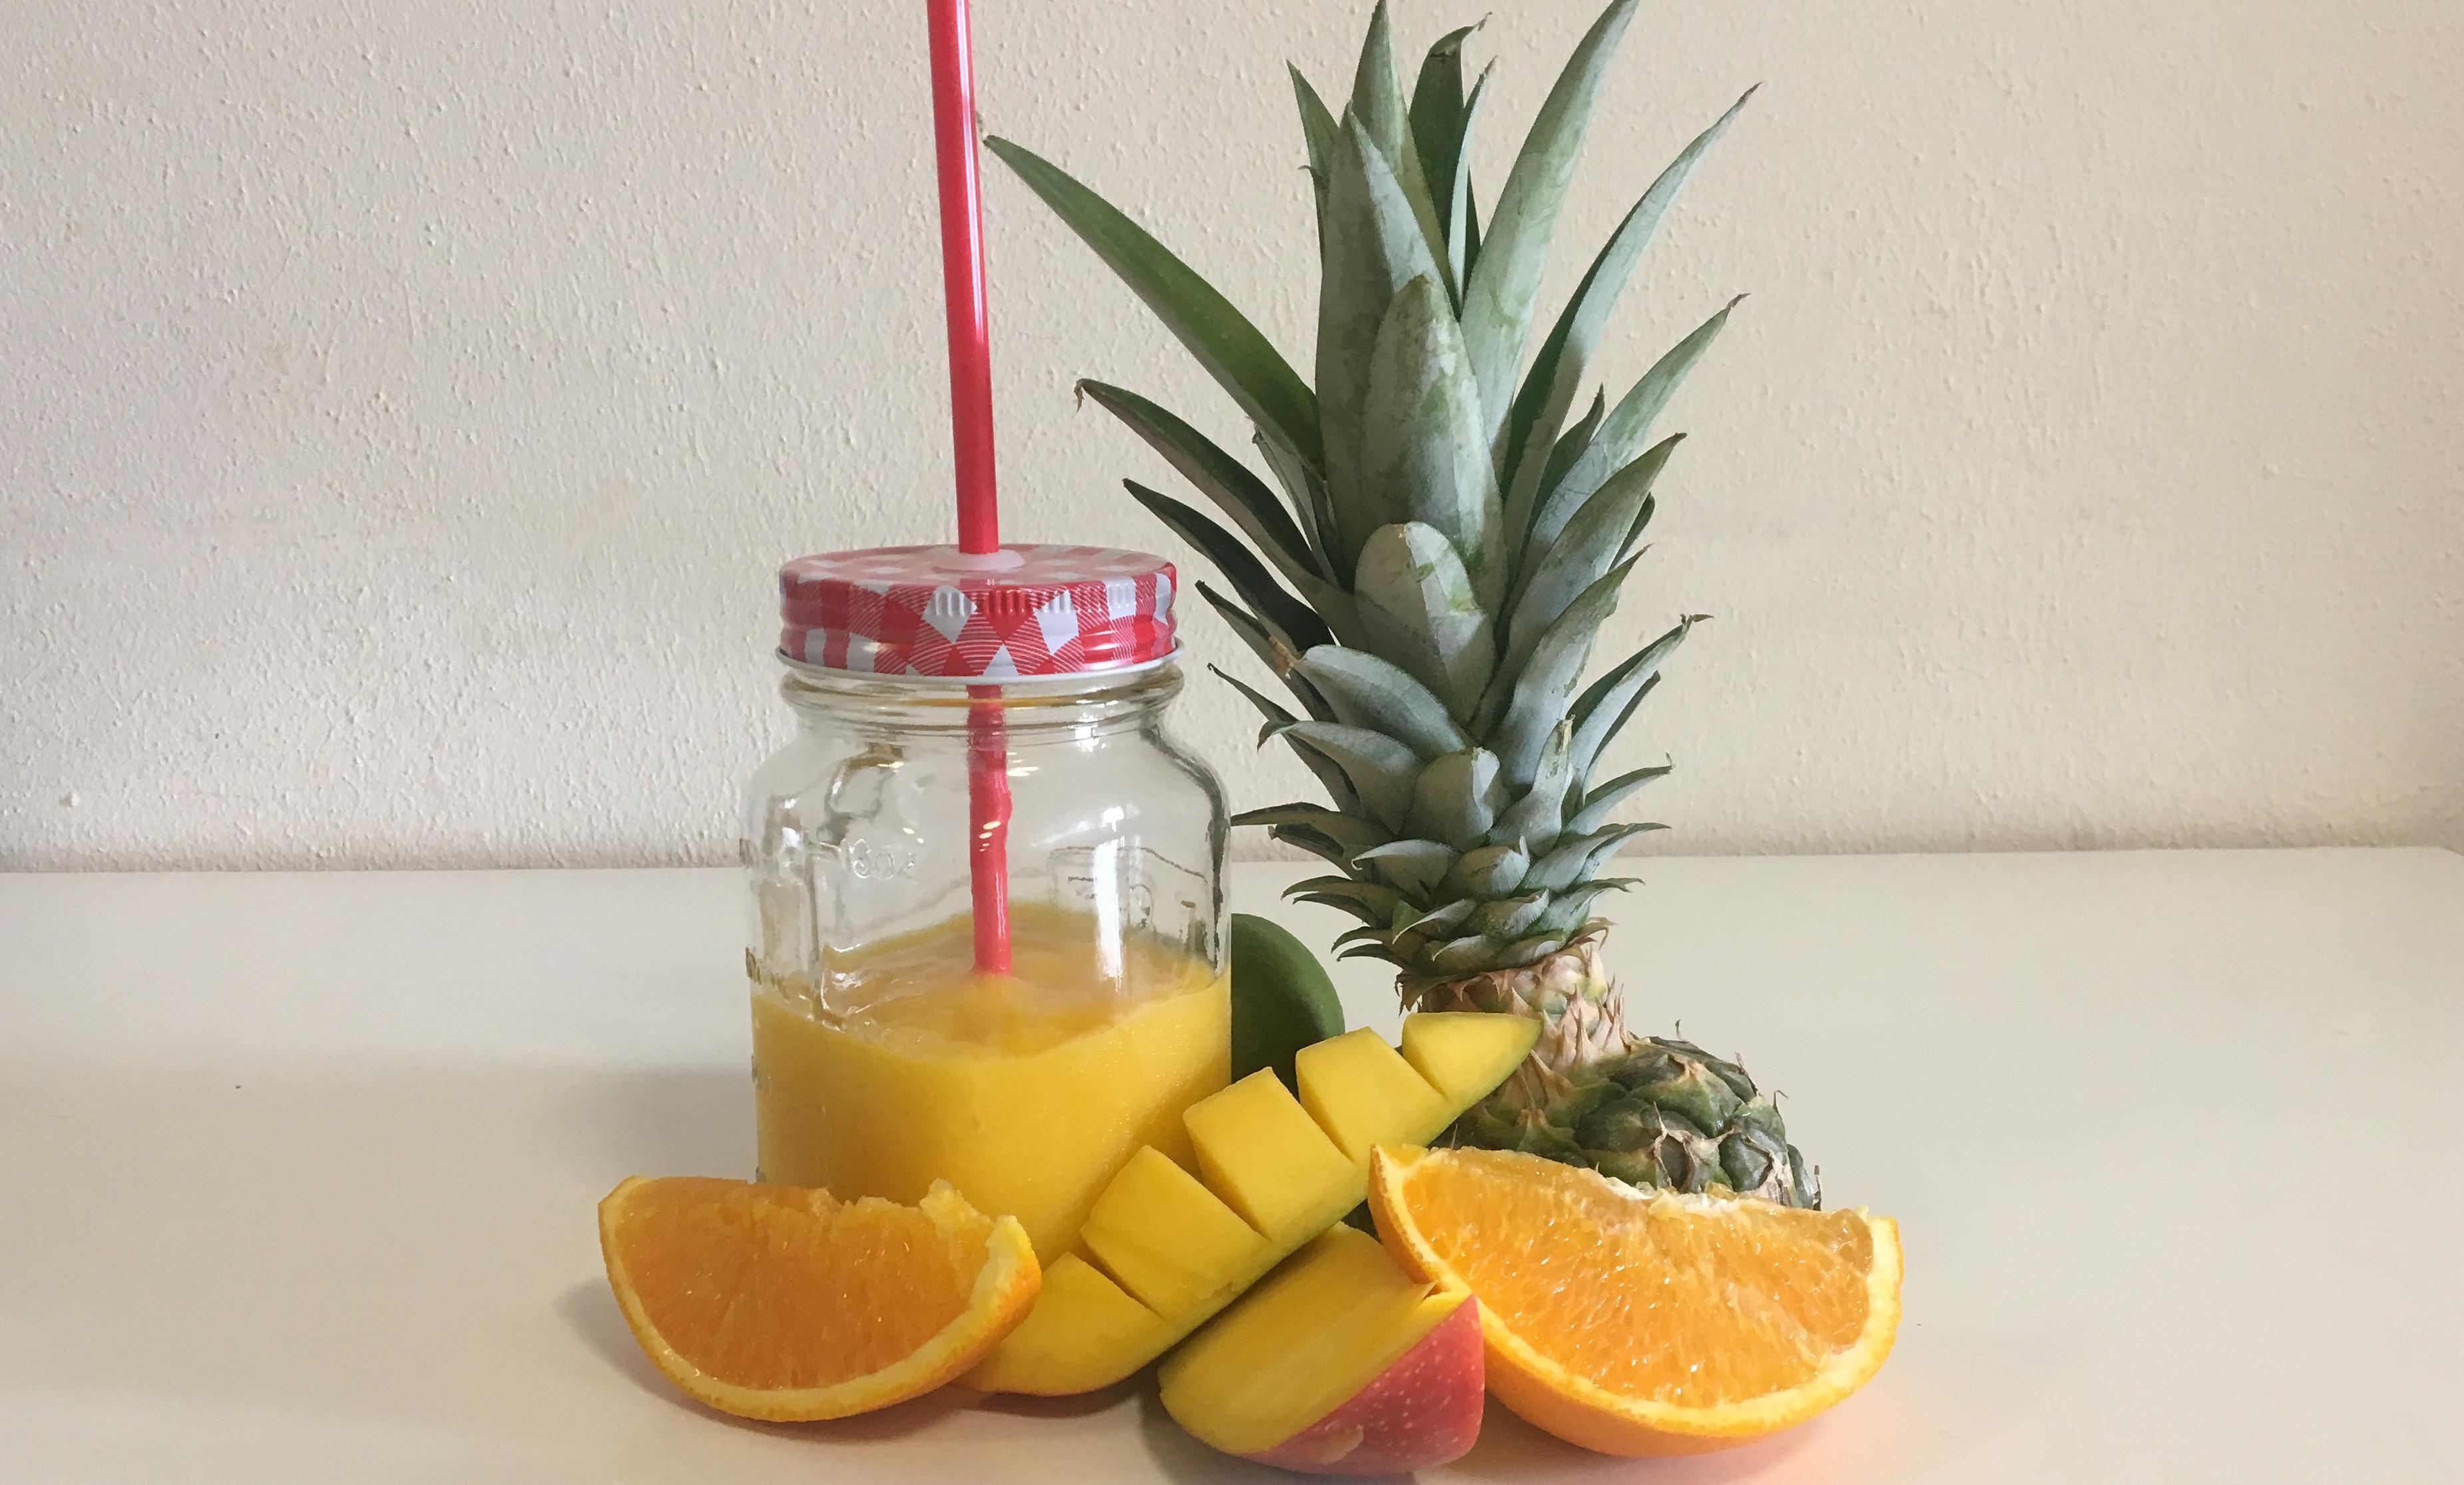 Ananas-Orangen-Mango Smoothie; Foto: Staatsanzeiger für Baden-Württemberg, Johanna Klein